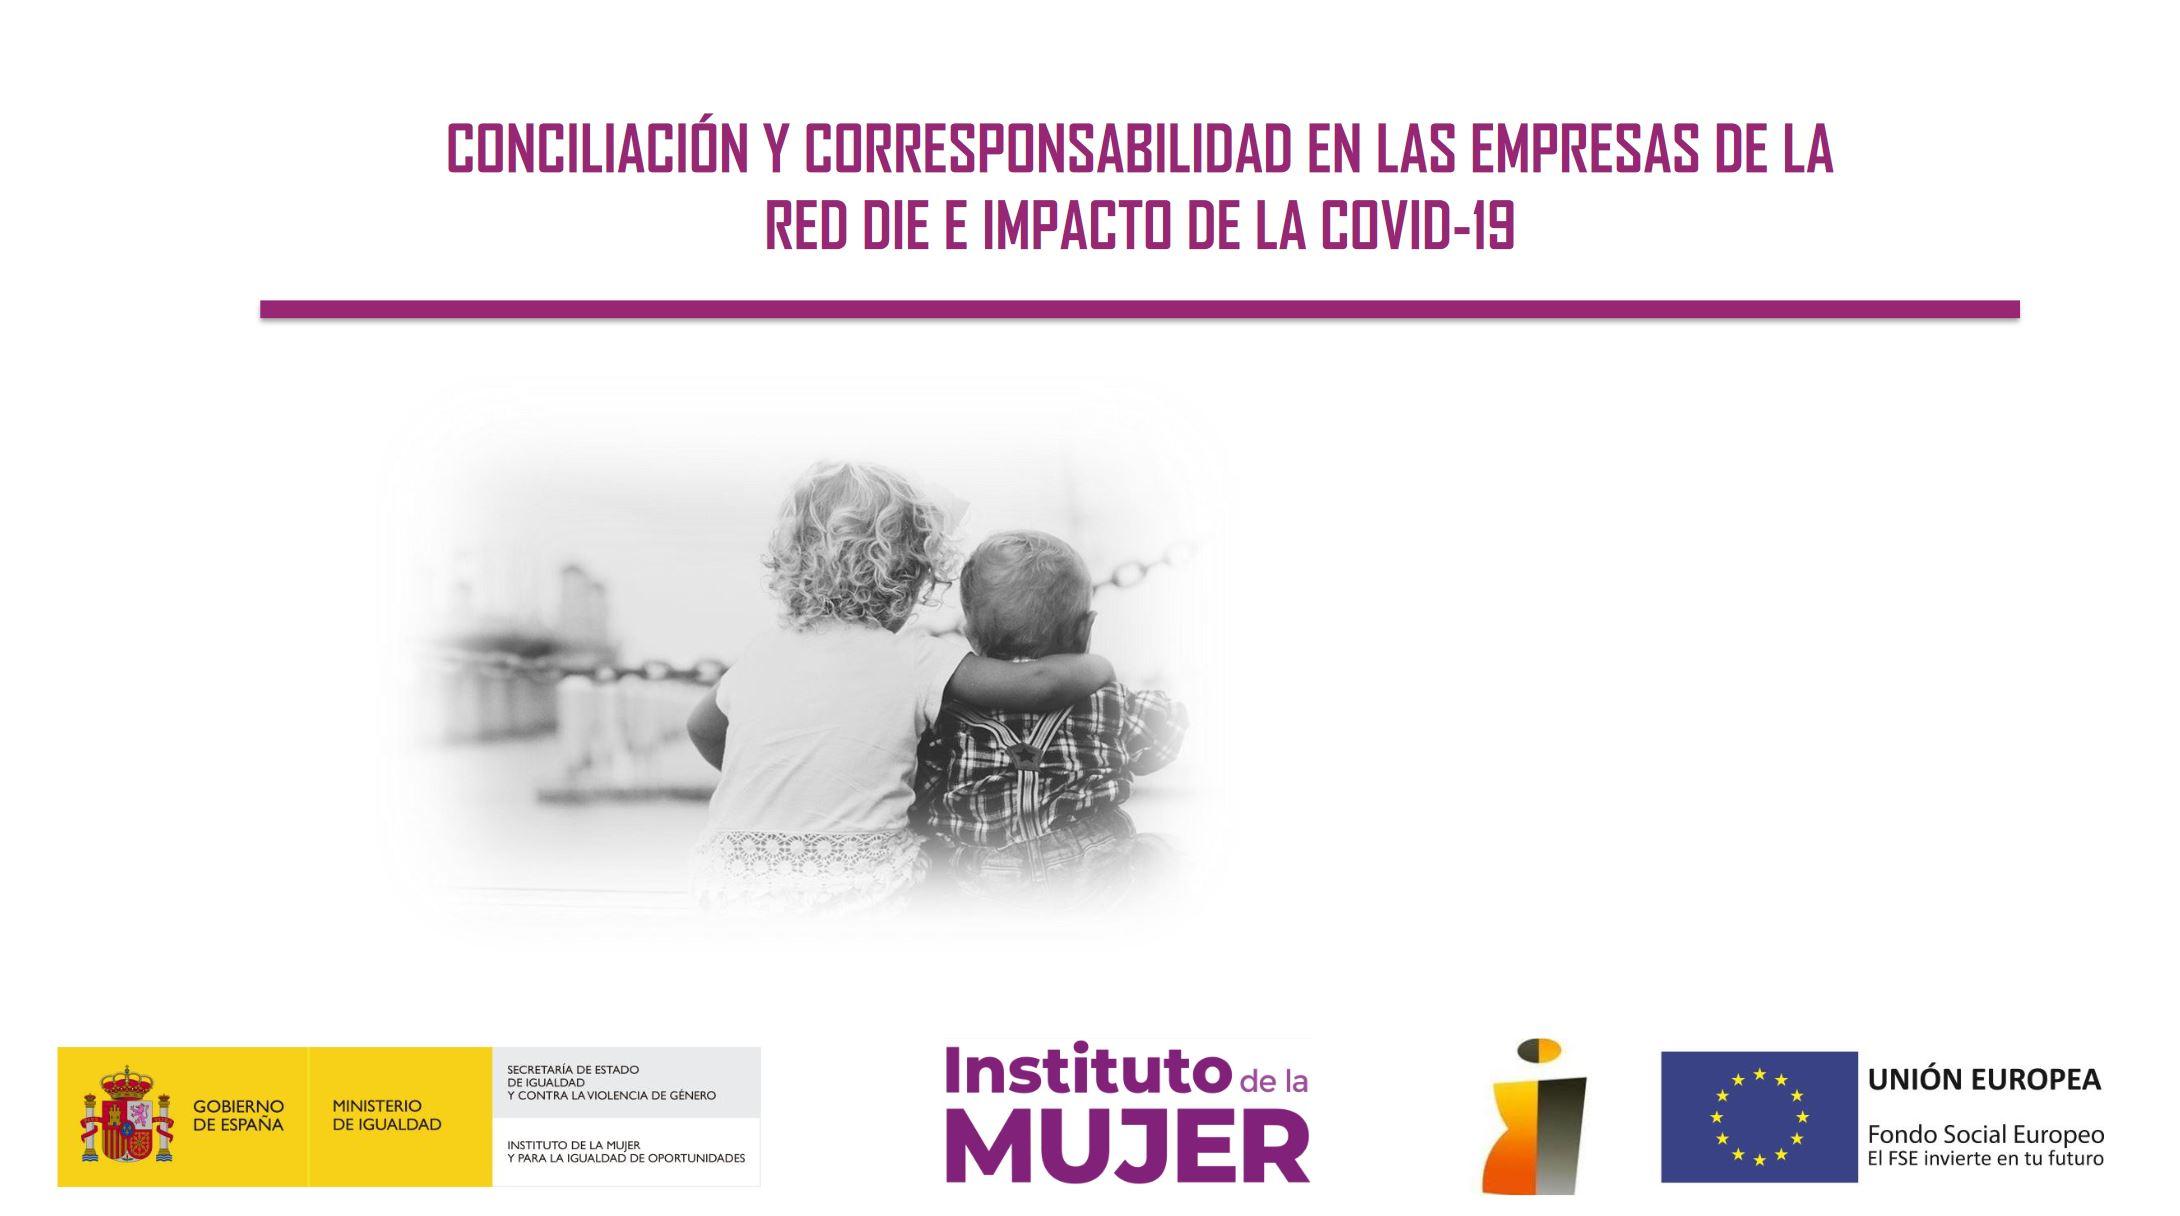 Soemca participa en el Estudio sobre CONCILIACIÓN Y CORRESPONSABILIDAD EN LAS EMPRESAS DE LA RED DIE E IMPACTO DE LA COVID-19